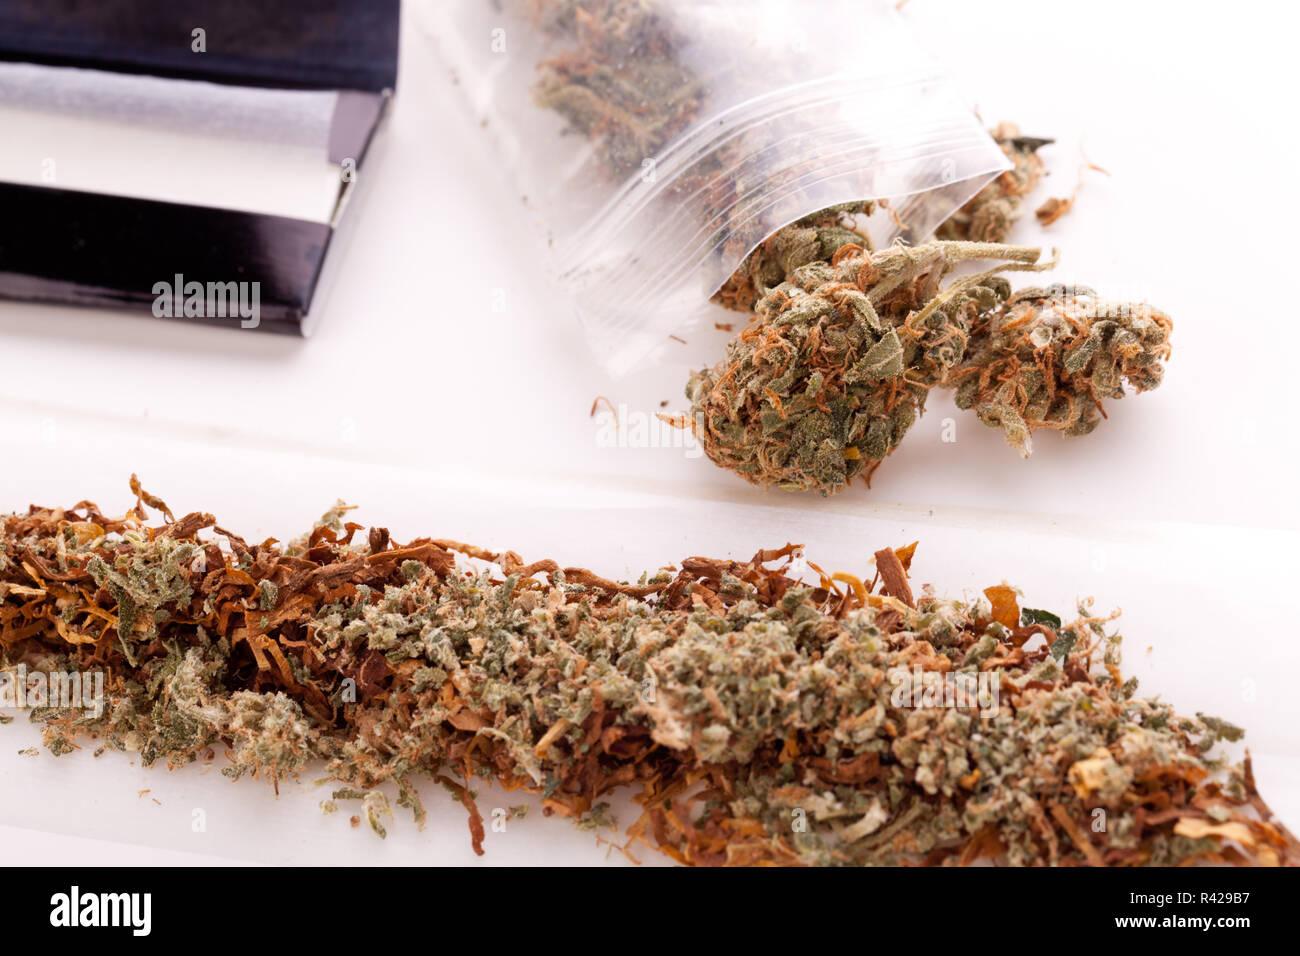 Как сушить коноплю и курить марихуана цвет